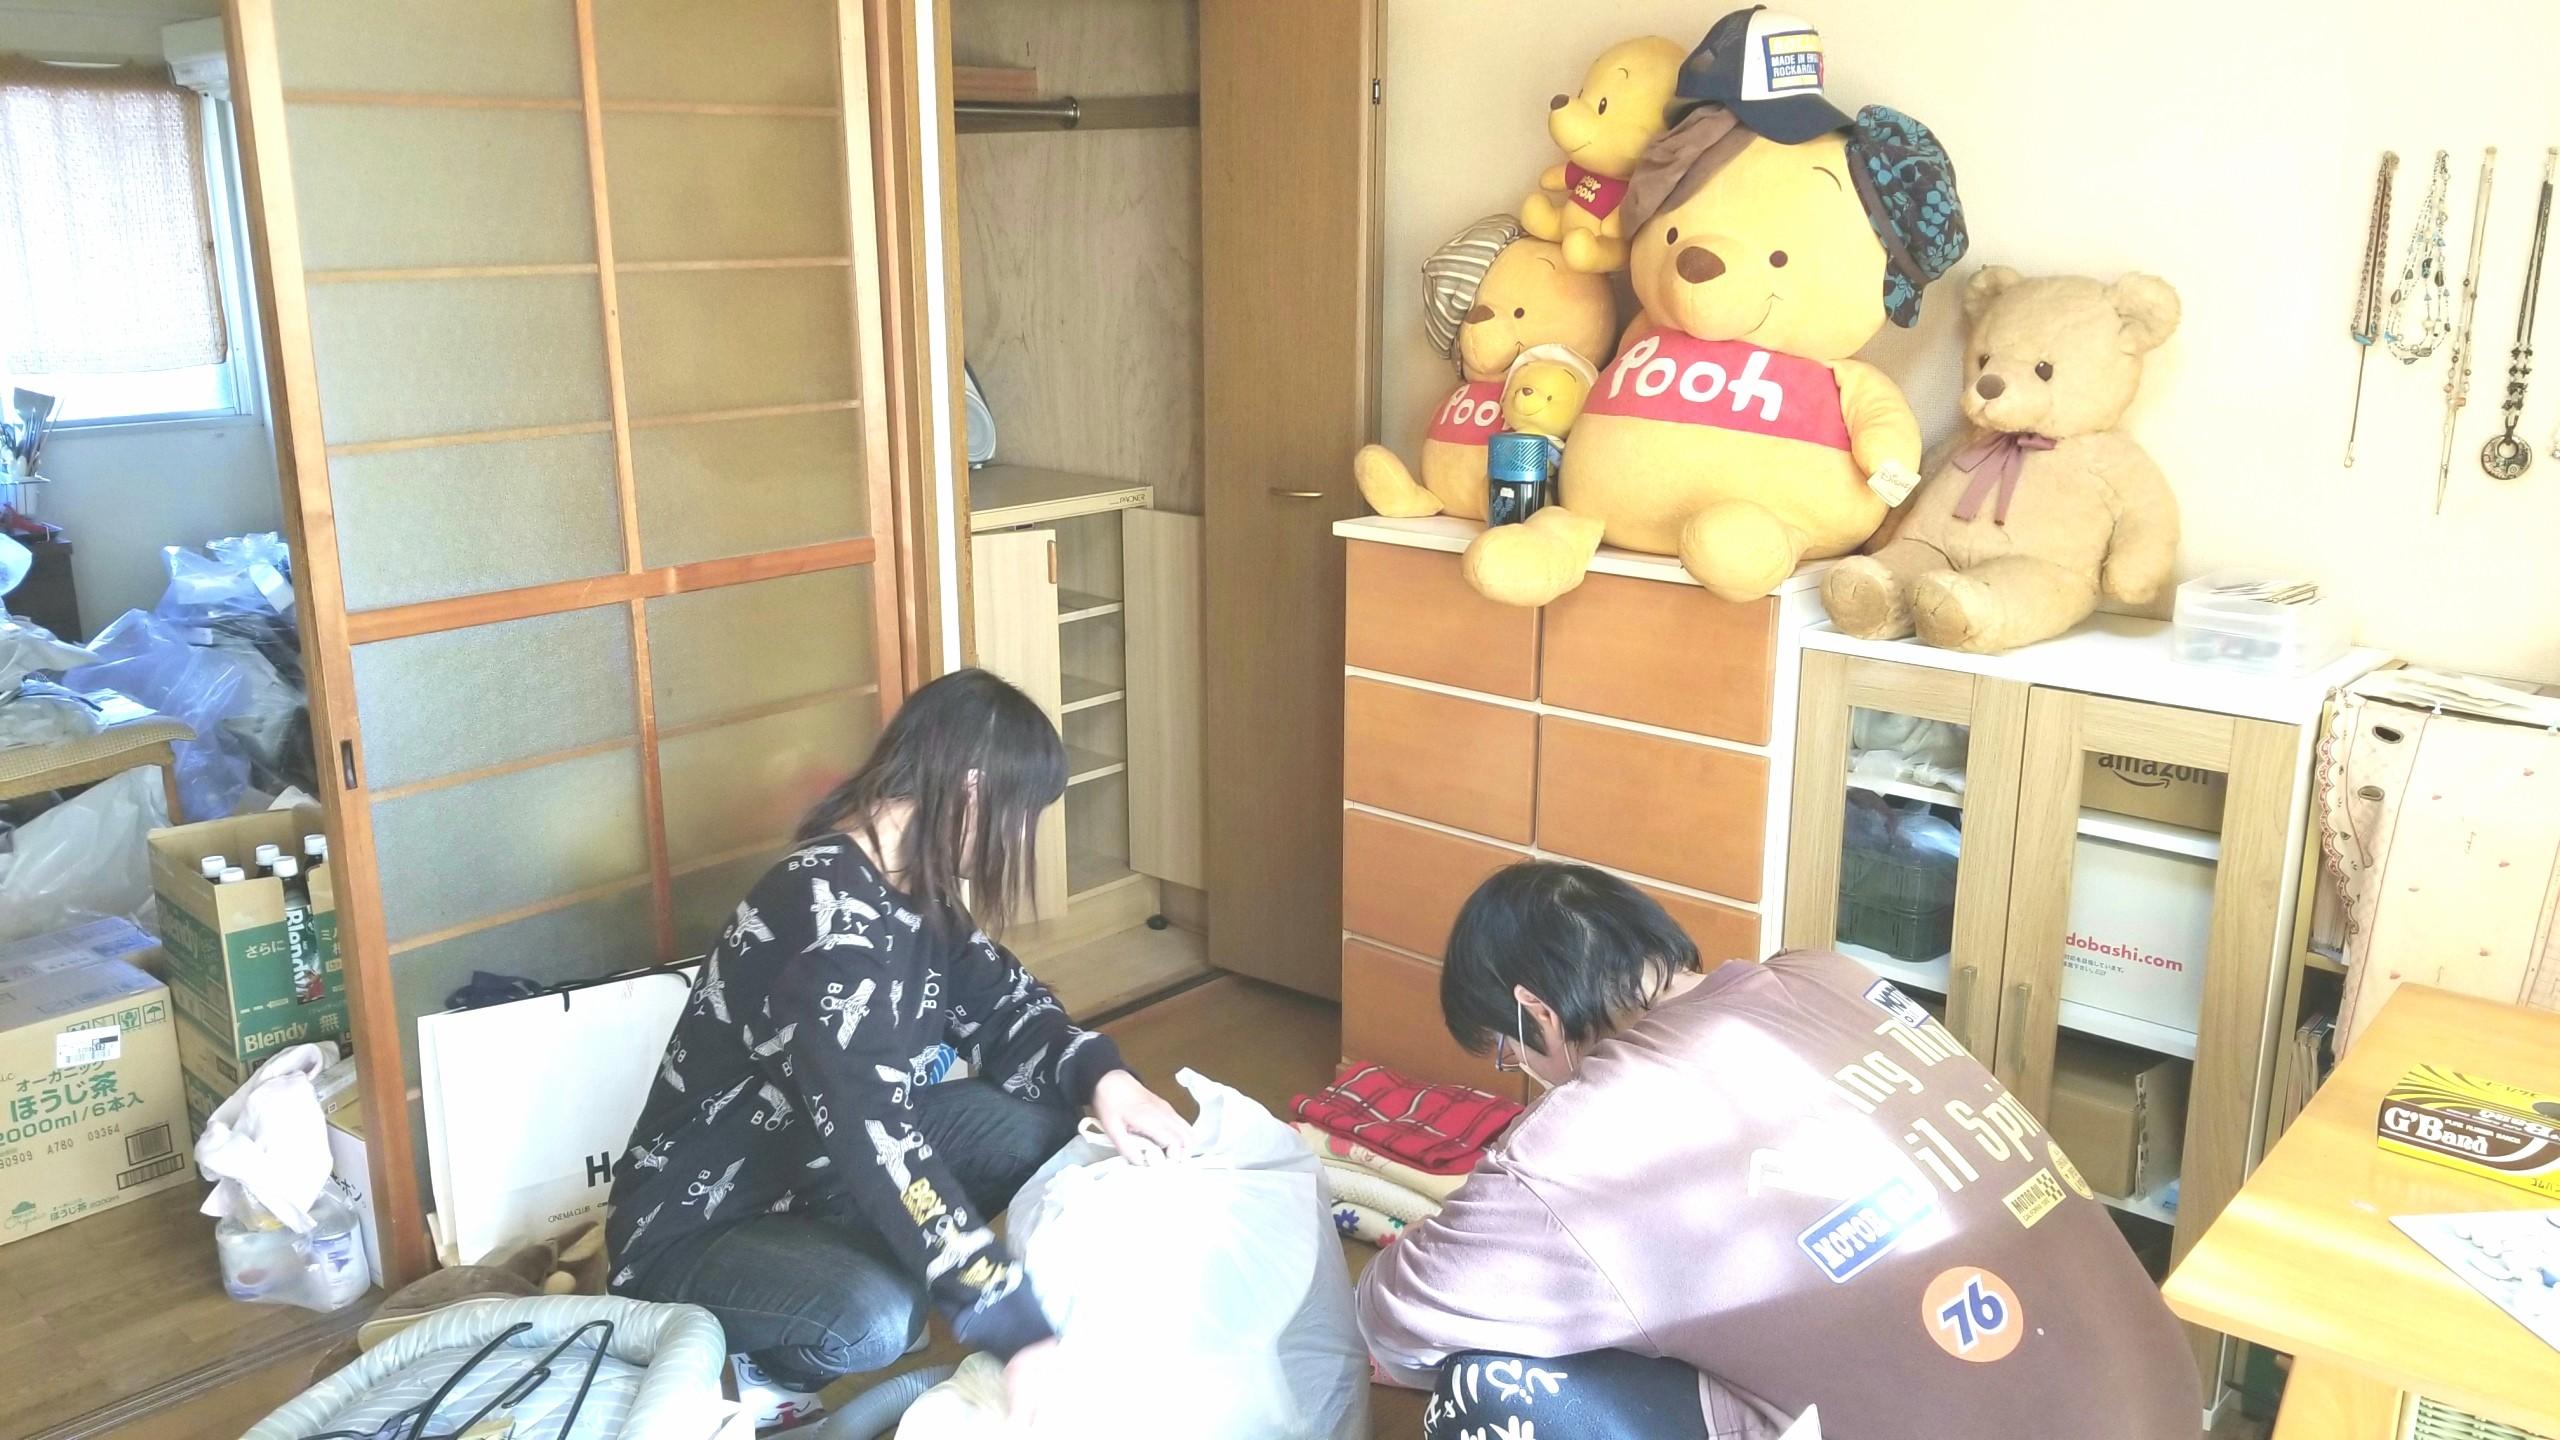 お部屋の大掃除,おばといとこが手伝い,線維筋痛症,動けない,家事不便